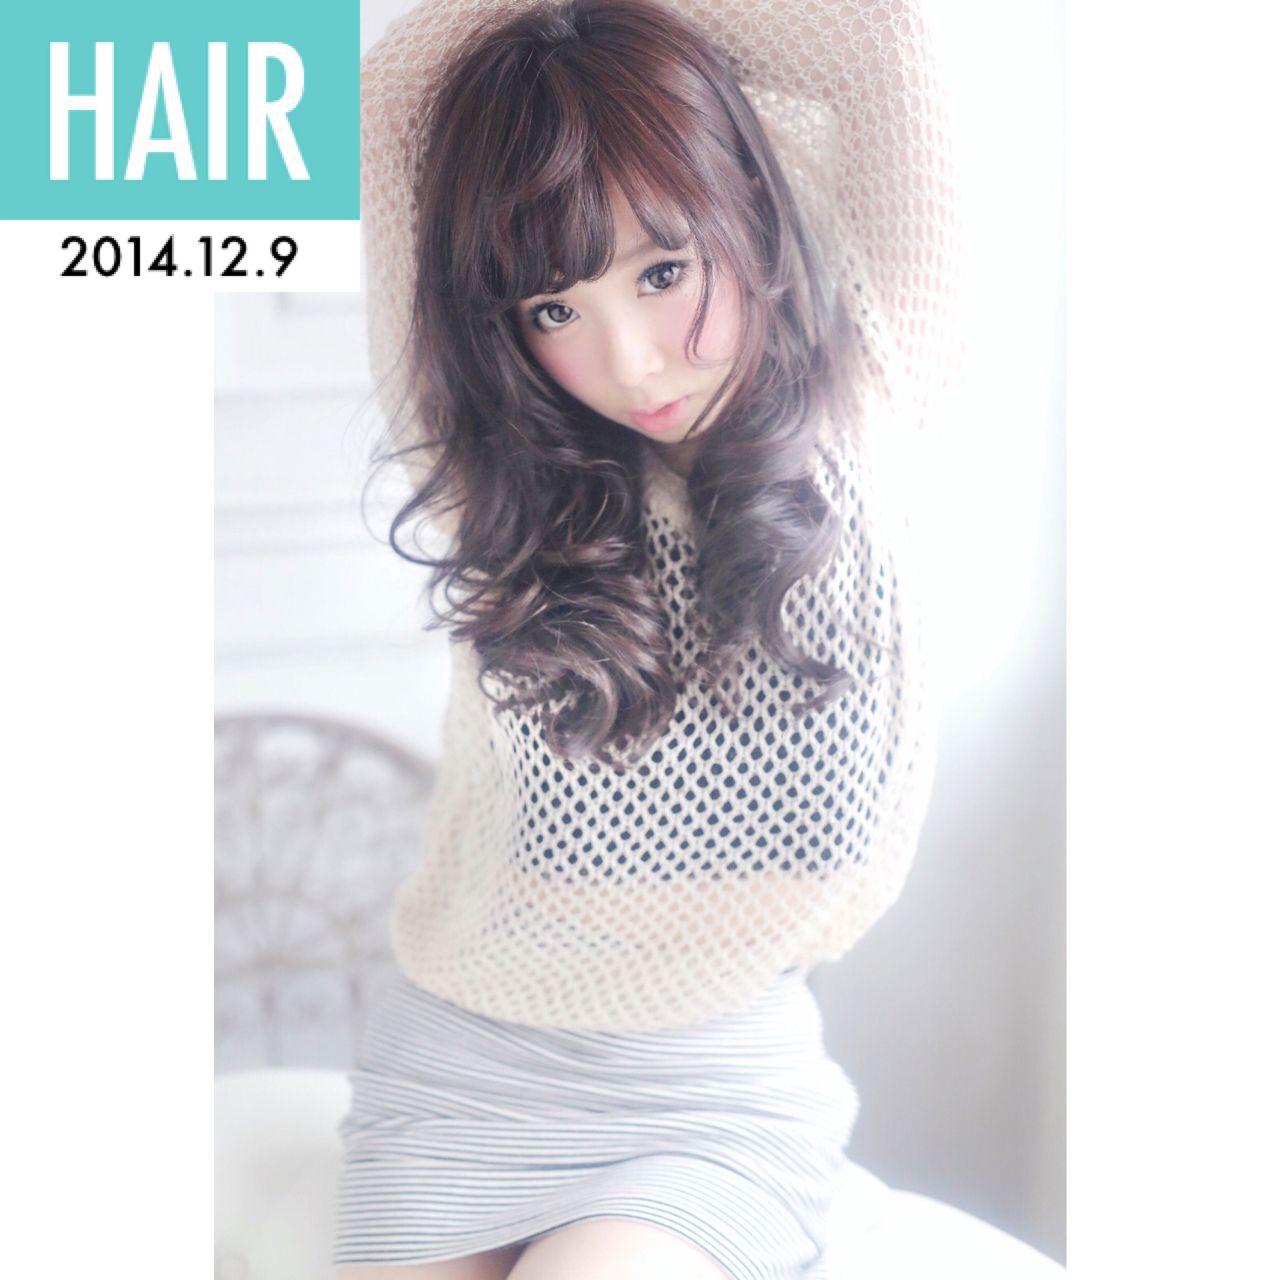 アップスタイル セミロング ウェーブ ストリートヘアスタイルや髪型の写真・画像